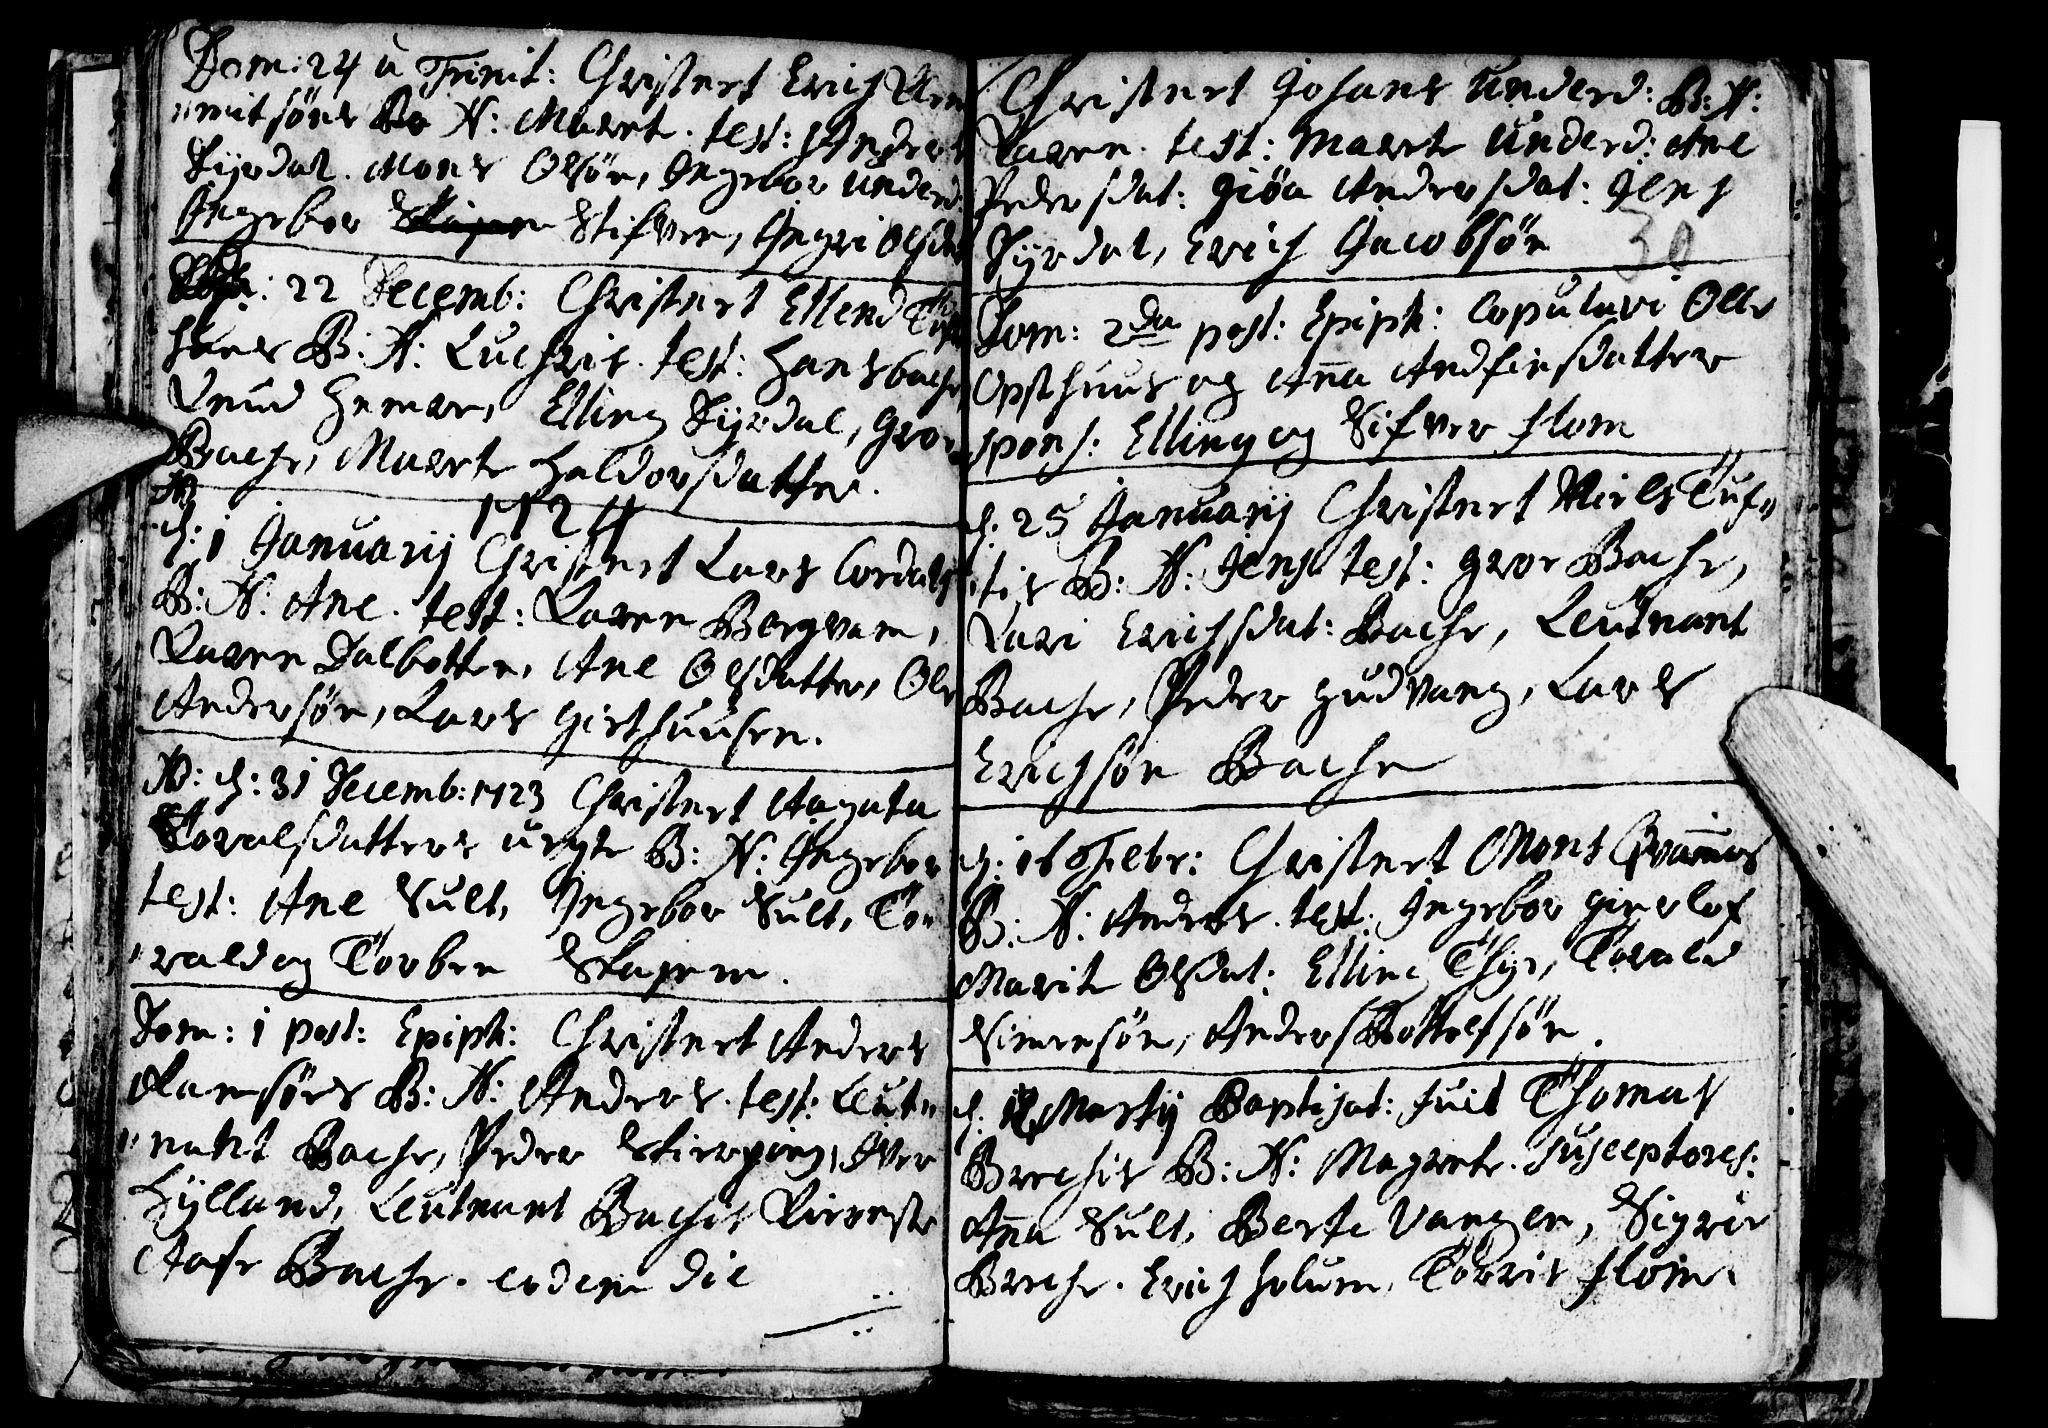 SAB, Aurland Sokneprestembete*, Ministerialbok nr. A 1, 1716-1734, s. 30